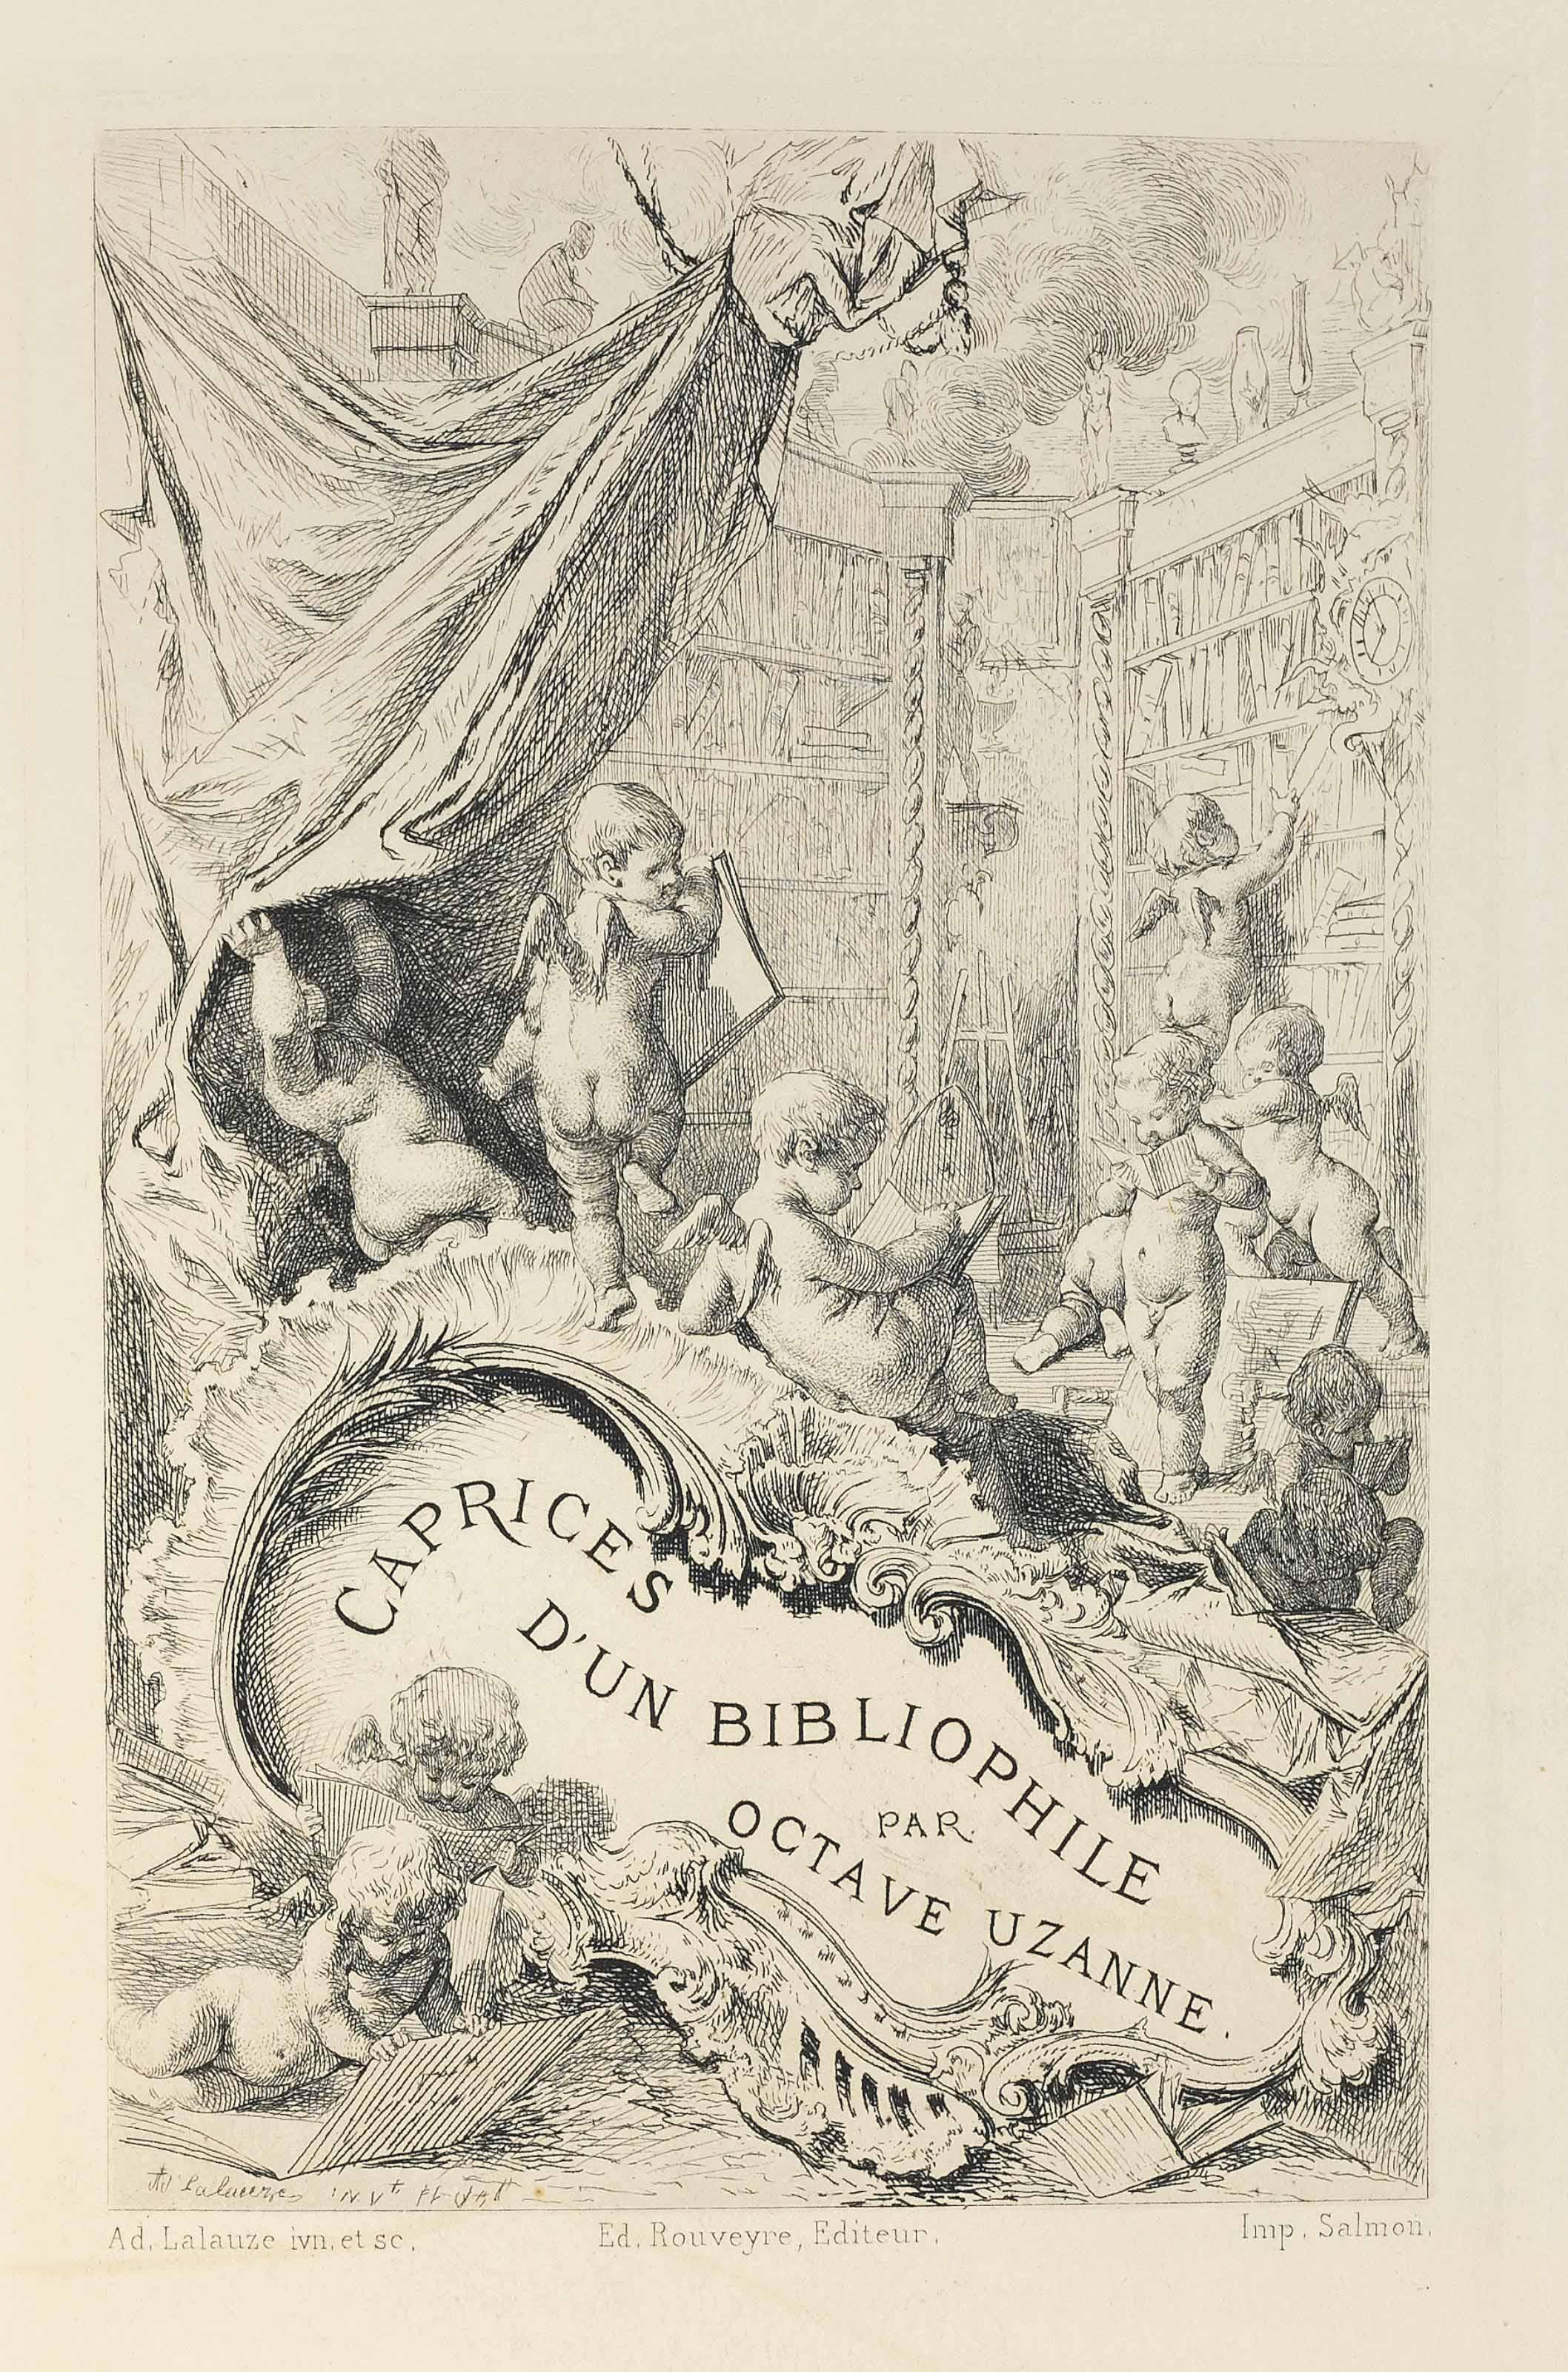 LACROIX, Paul (1806-1884). La